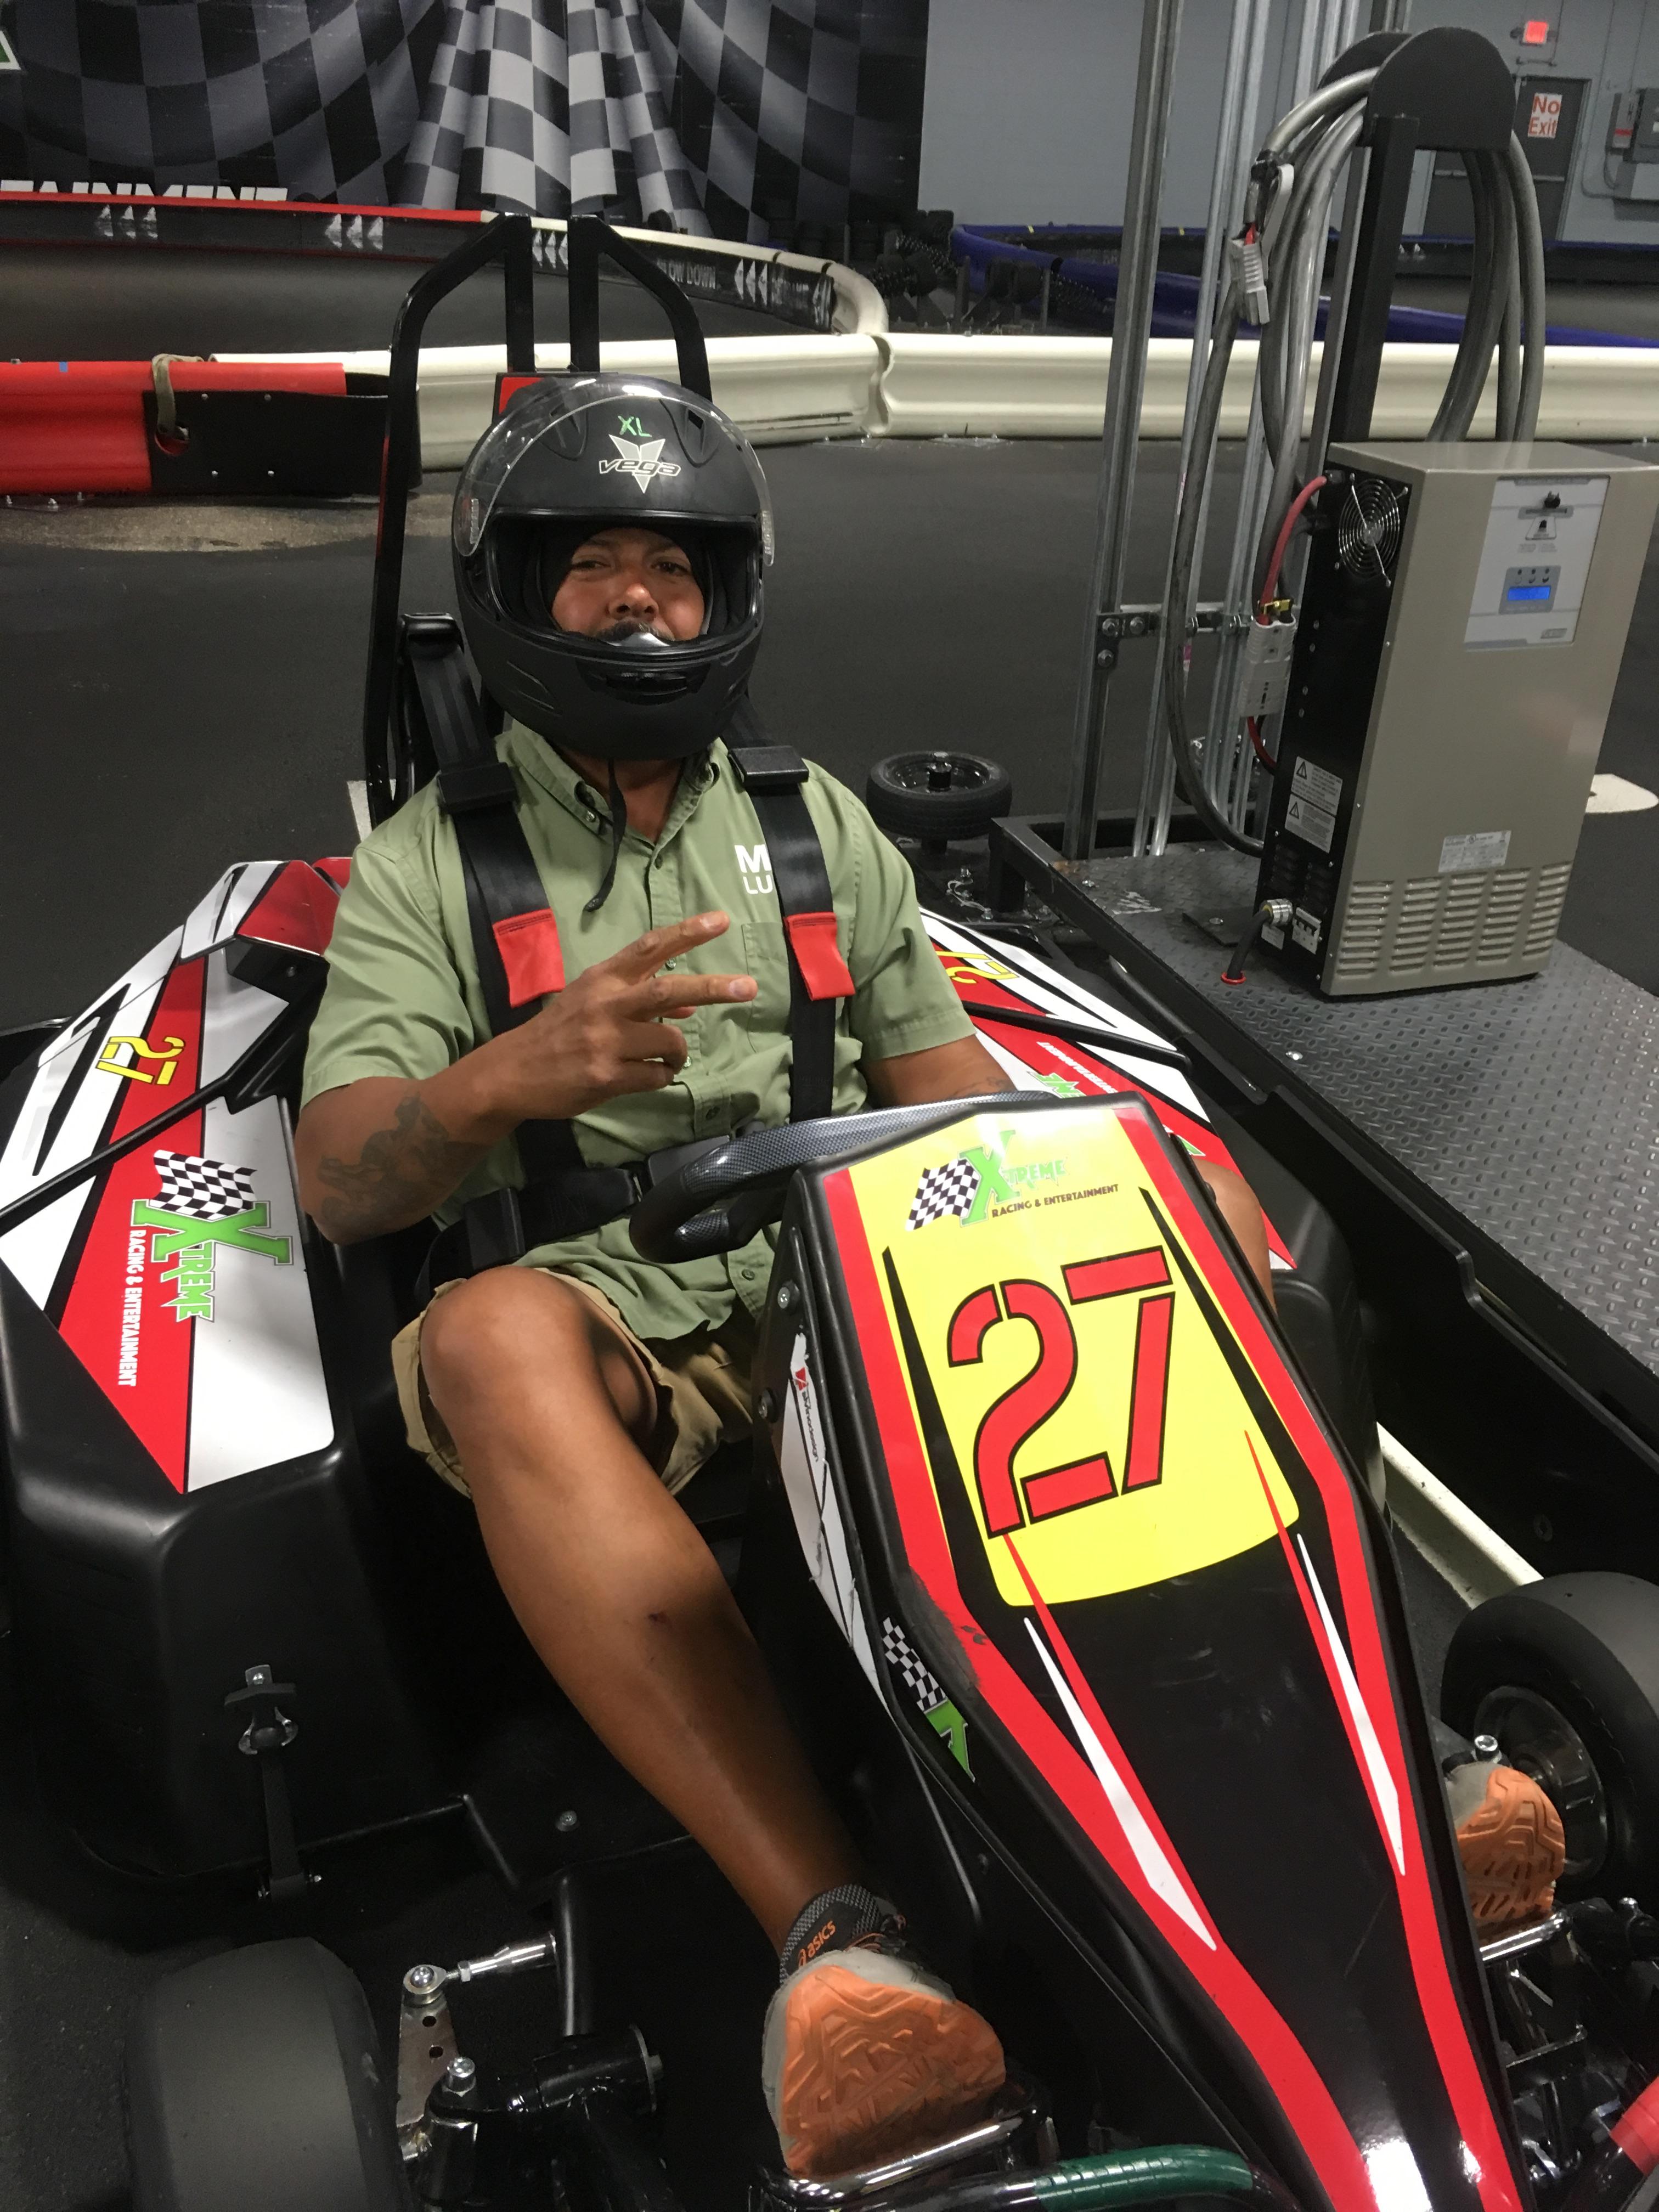 Kart Racing 8-22-17 - M & M Lumber